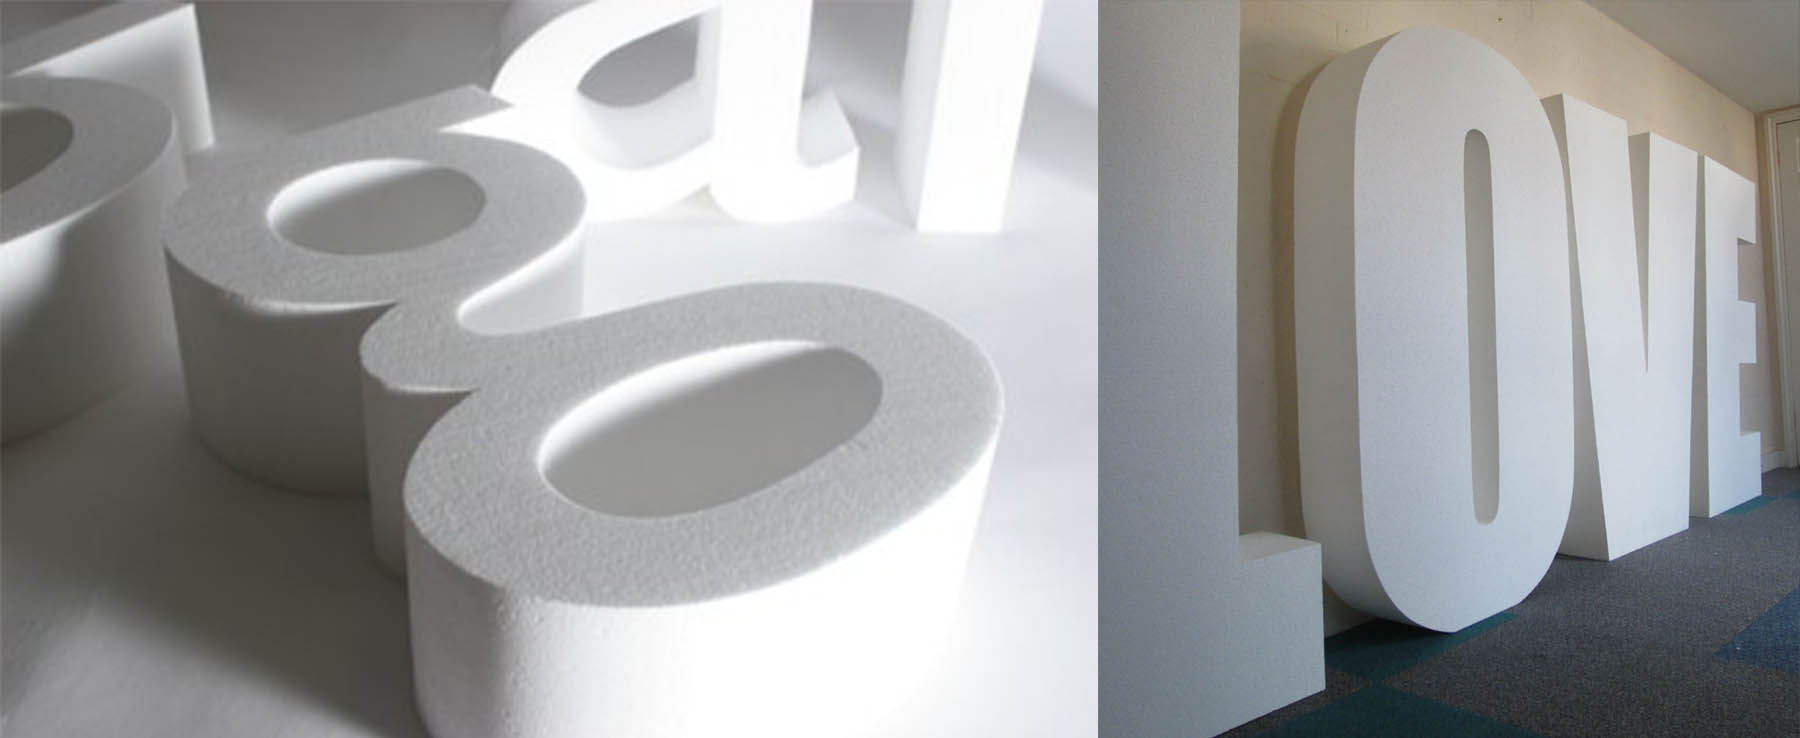 Lettere polistirolo pannelli decorativi plexiglass for Polistirolo prezzi